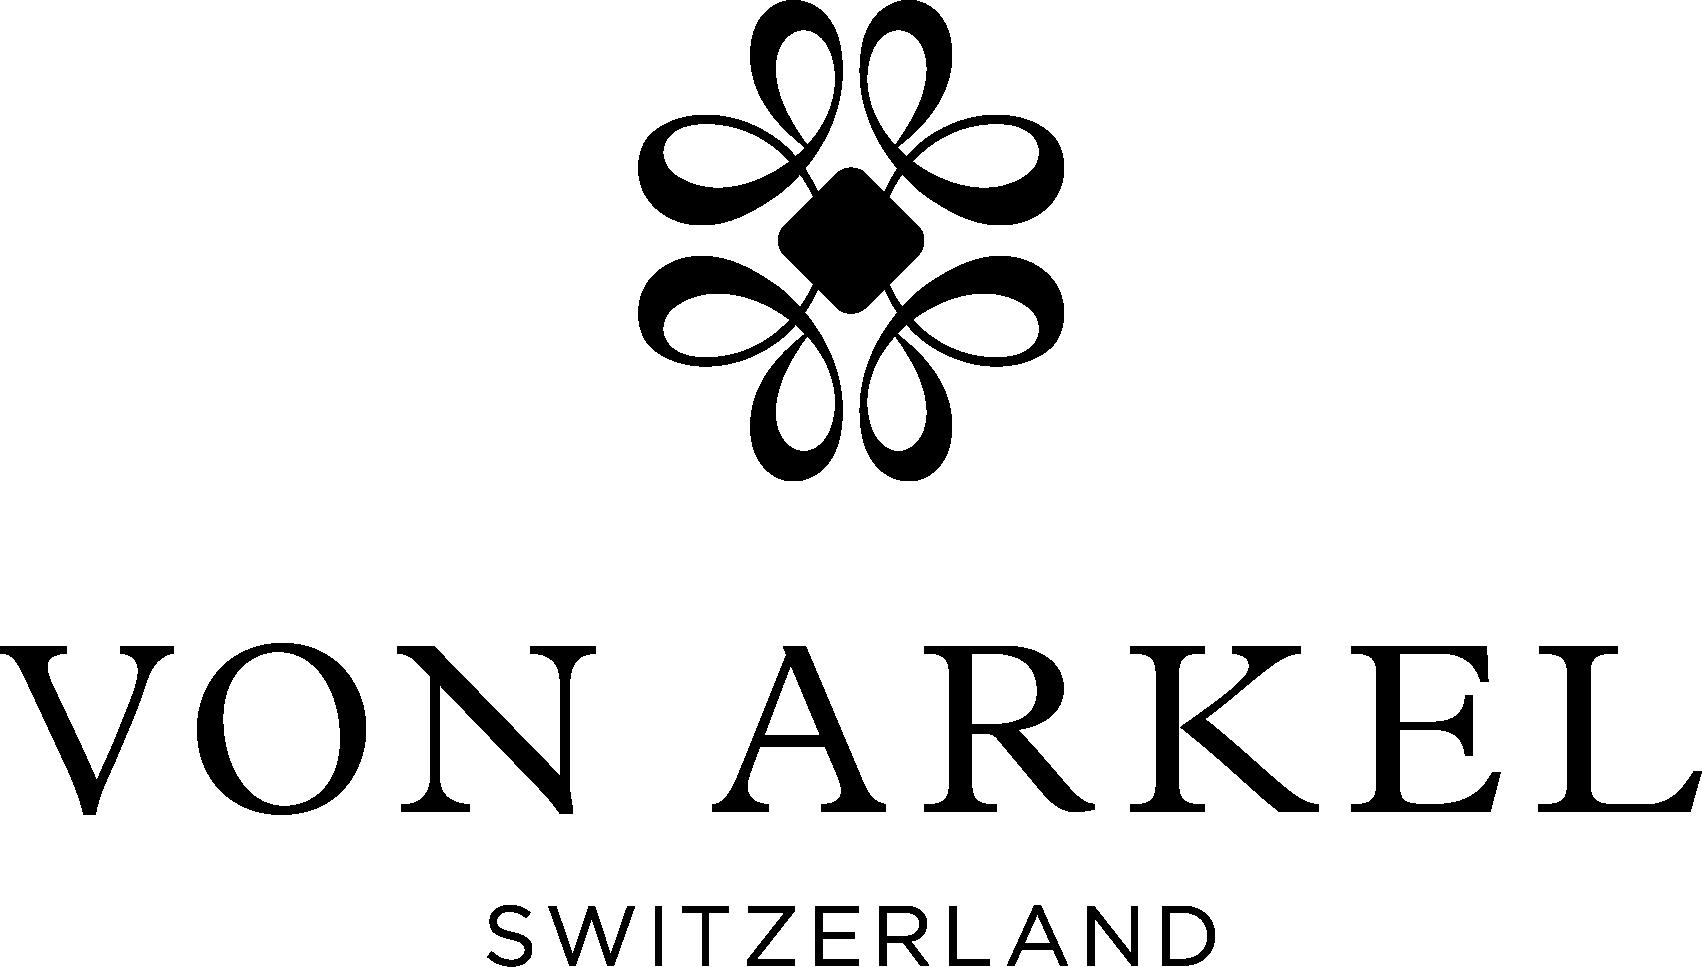 vonarkel-logo-1.png